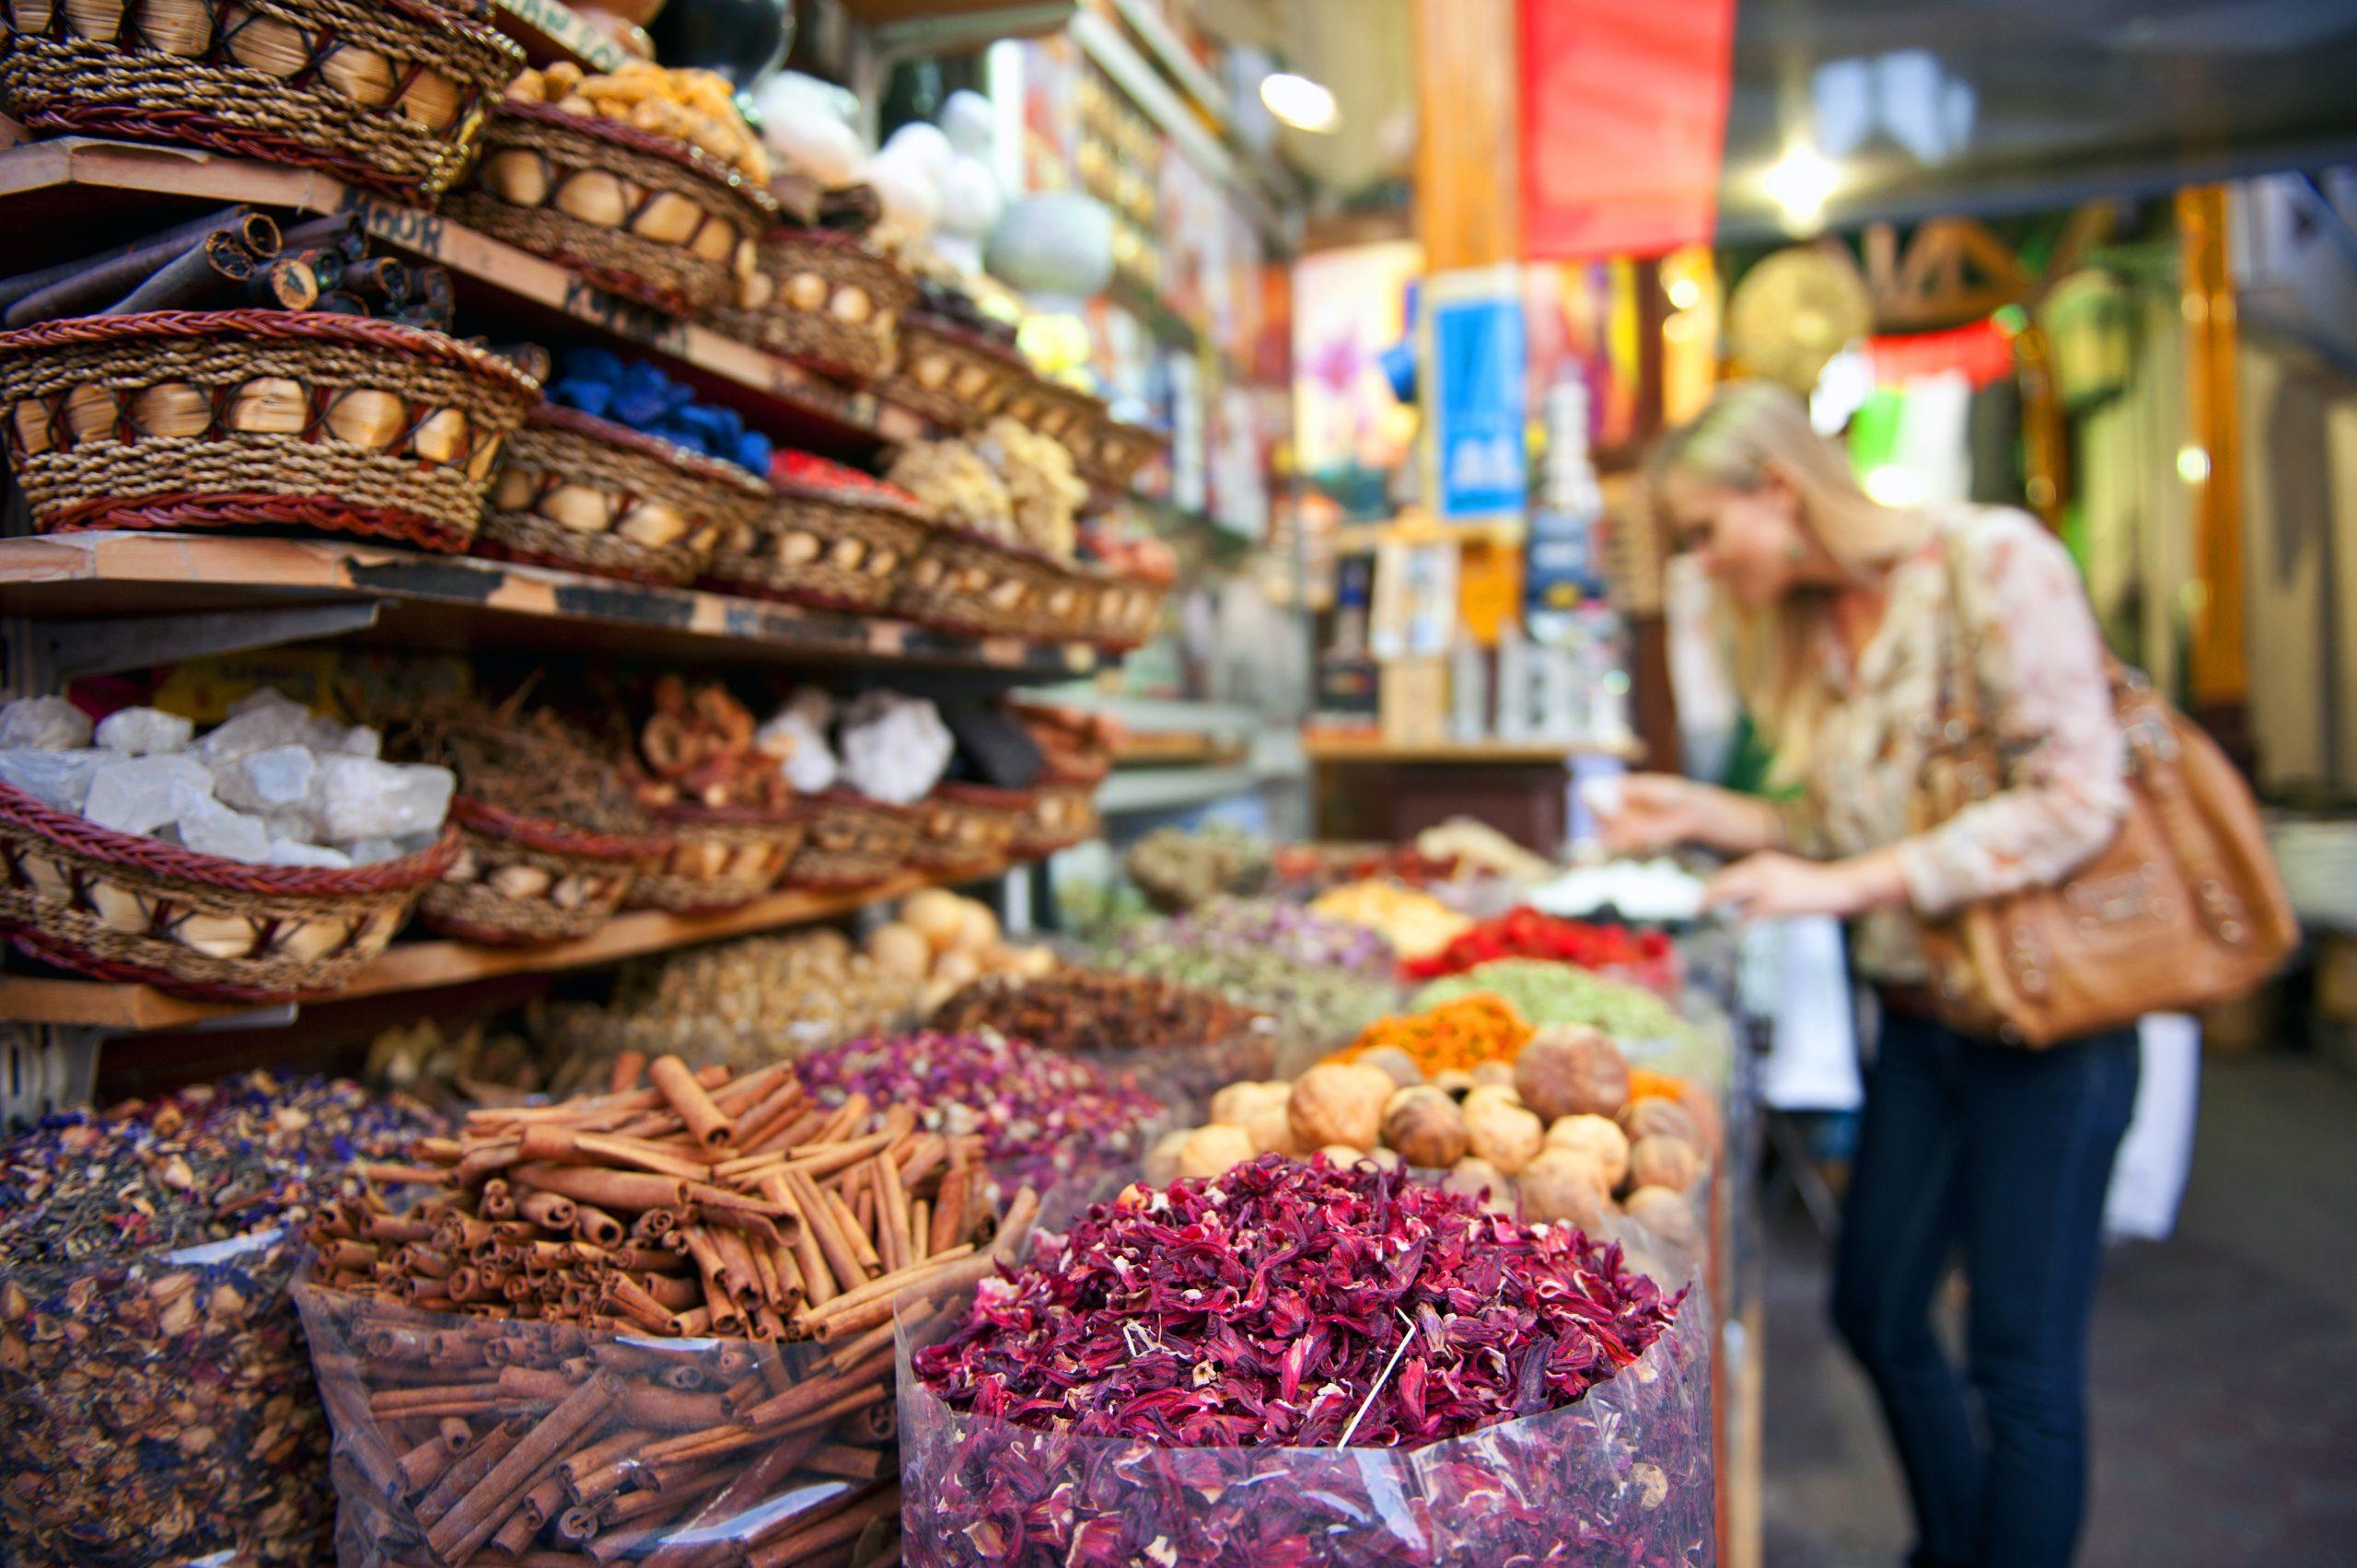 Krydderier i souken i Dubai, der meget gerne snart også vil have sine nordiske turister tilbage. Pressefoto: Dubai Tourism.